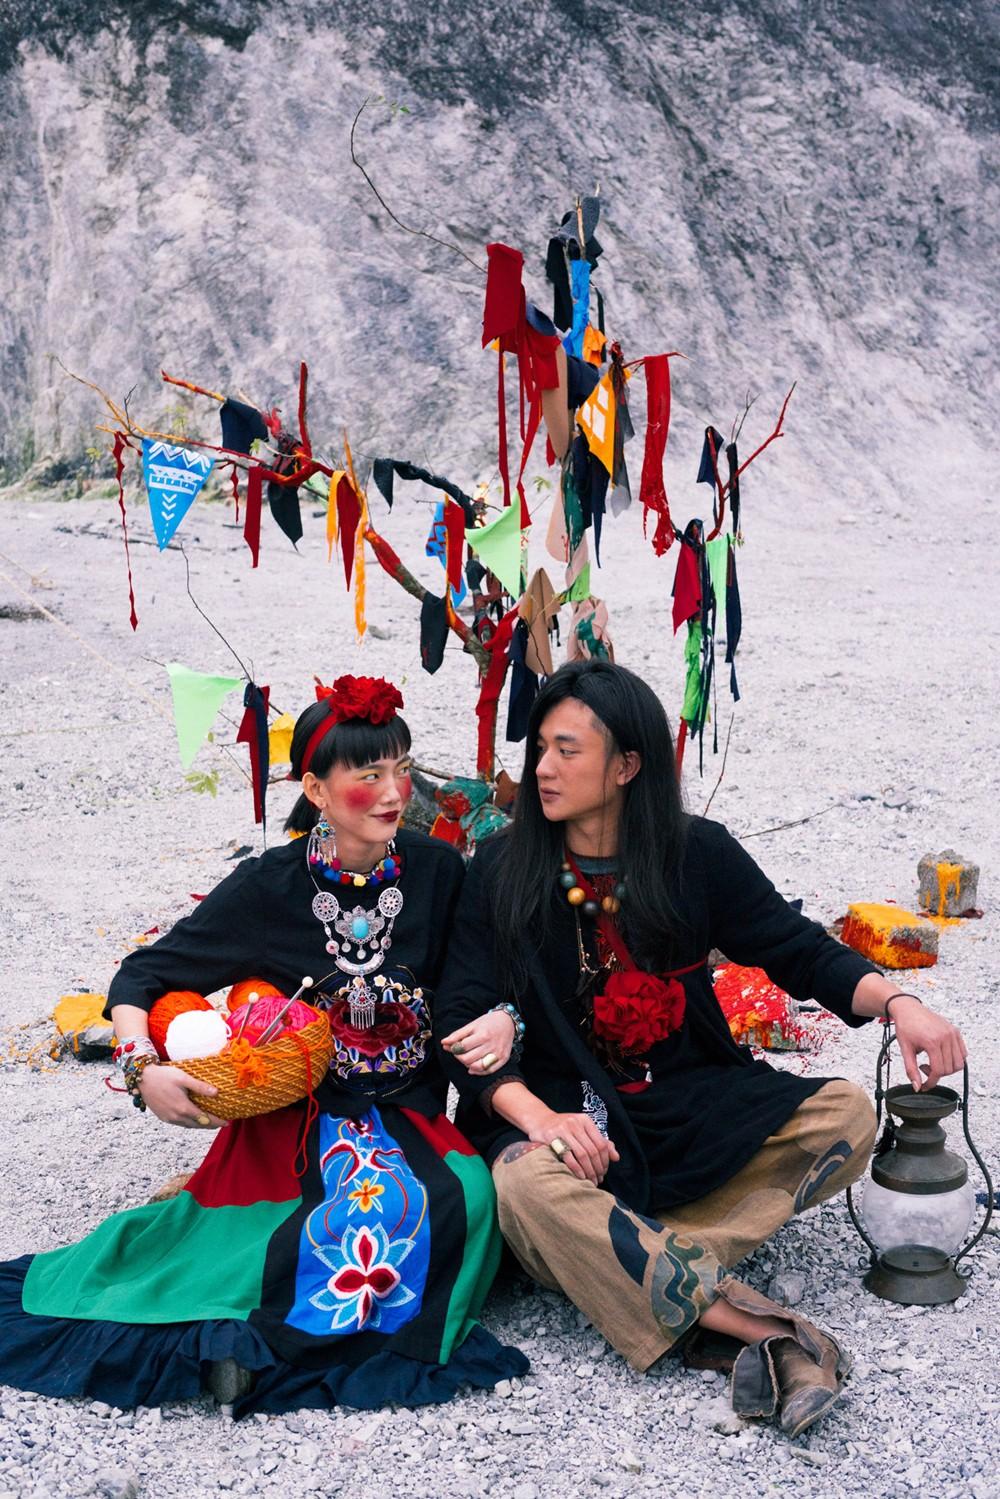 Bộ ảnh cưới được chụp ở ngọn đồi tuyết trắng đẹp hơn cả trong MV Bảo Anh - Ảnh 8.